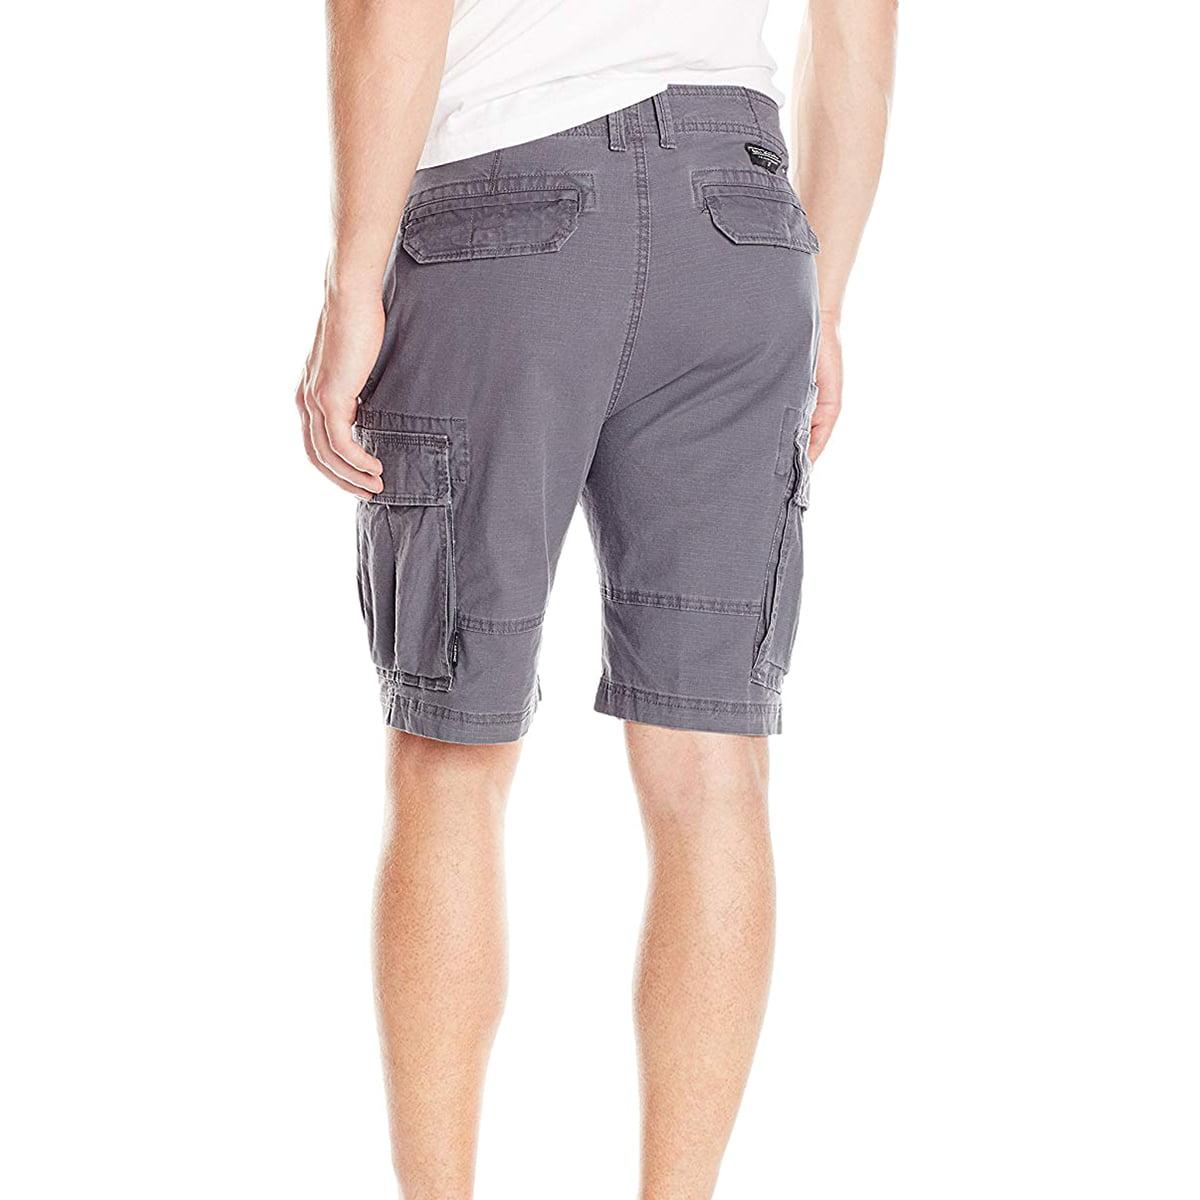 Billabong - Billabong Men s Scheme Cargo Shorts - Walmart.com 4824f1e52f54